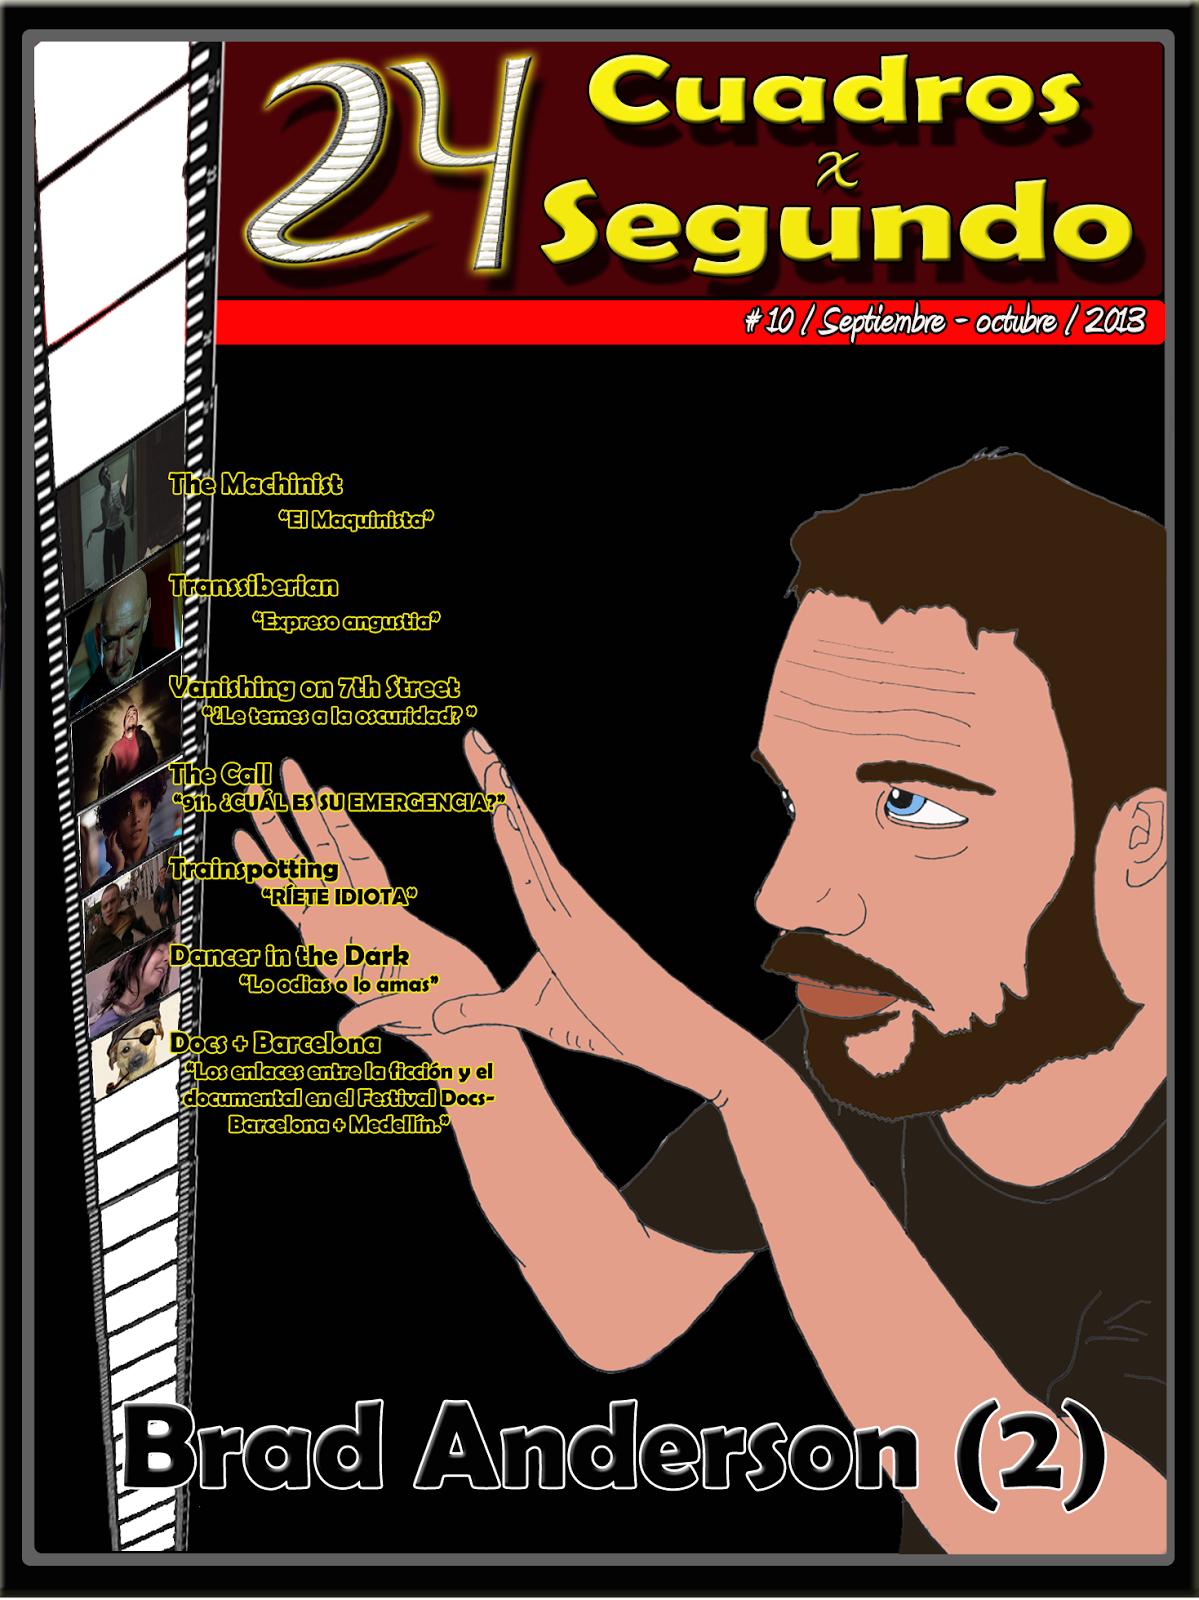 Afición Cinematográfica X: Edición # 10 Revista 24 Cuadros Por Segundo